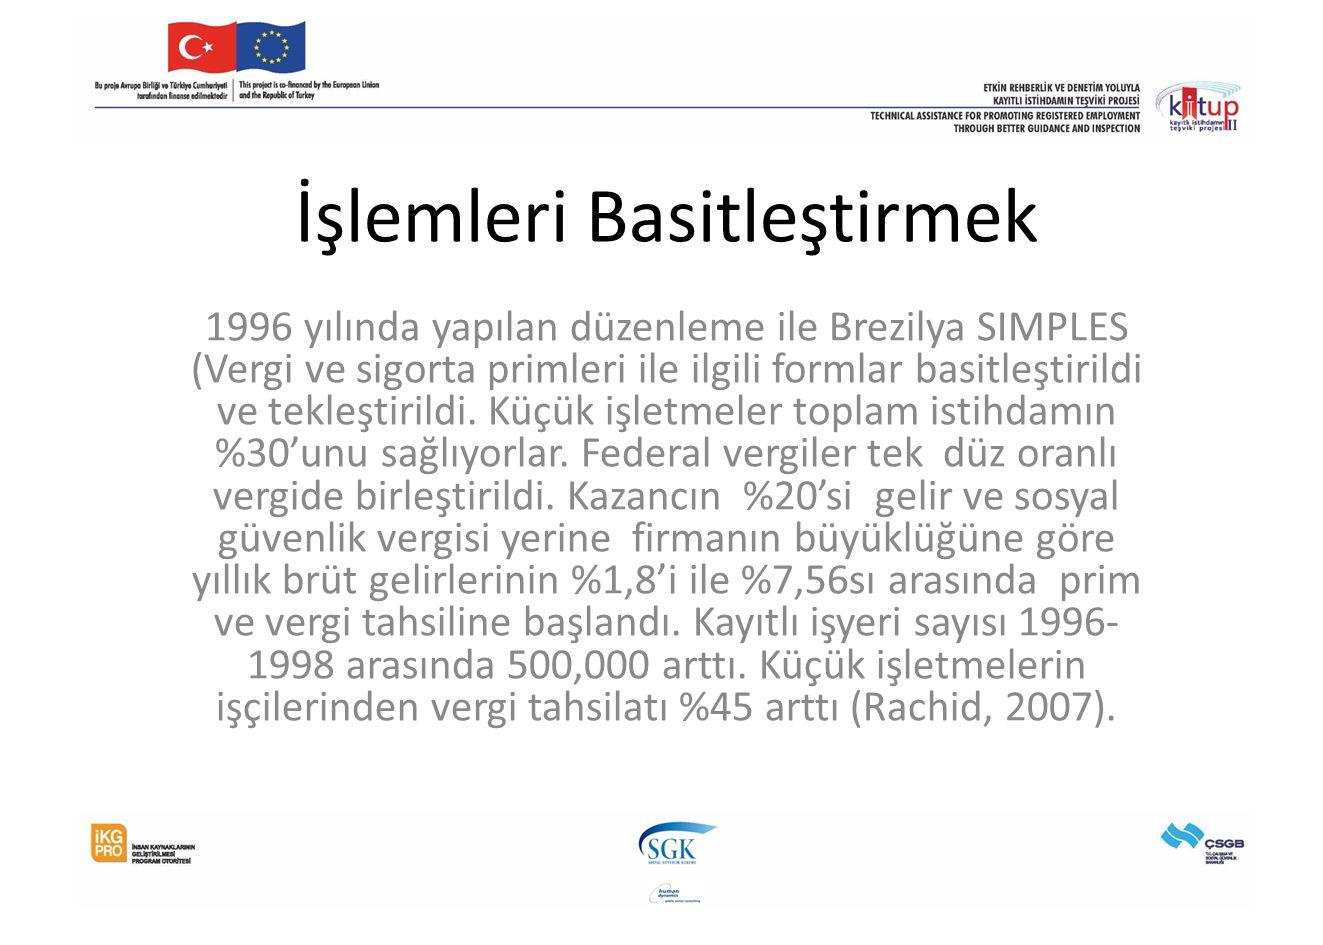 İşlemleri Basitleştirmek 1996 yılında yapılan düzenleme ile Brezilya SIMPLES (Vergi ve sigorta primleri ile ilgili formlar basitleştirildi ve tekleşti